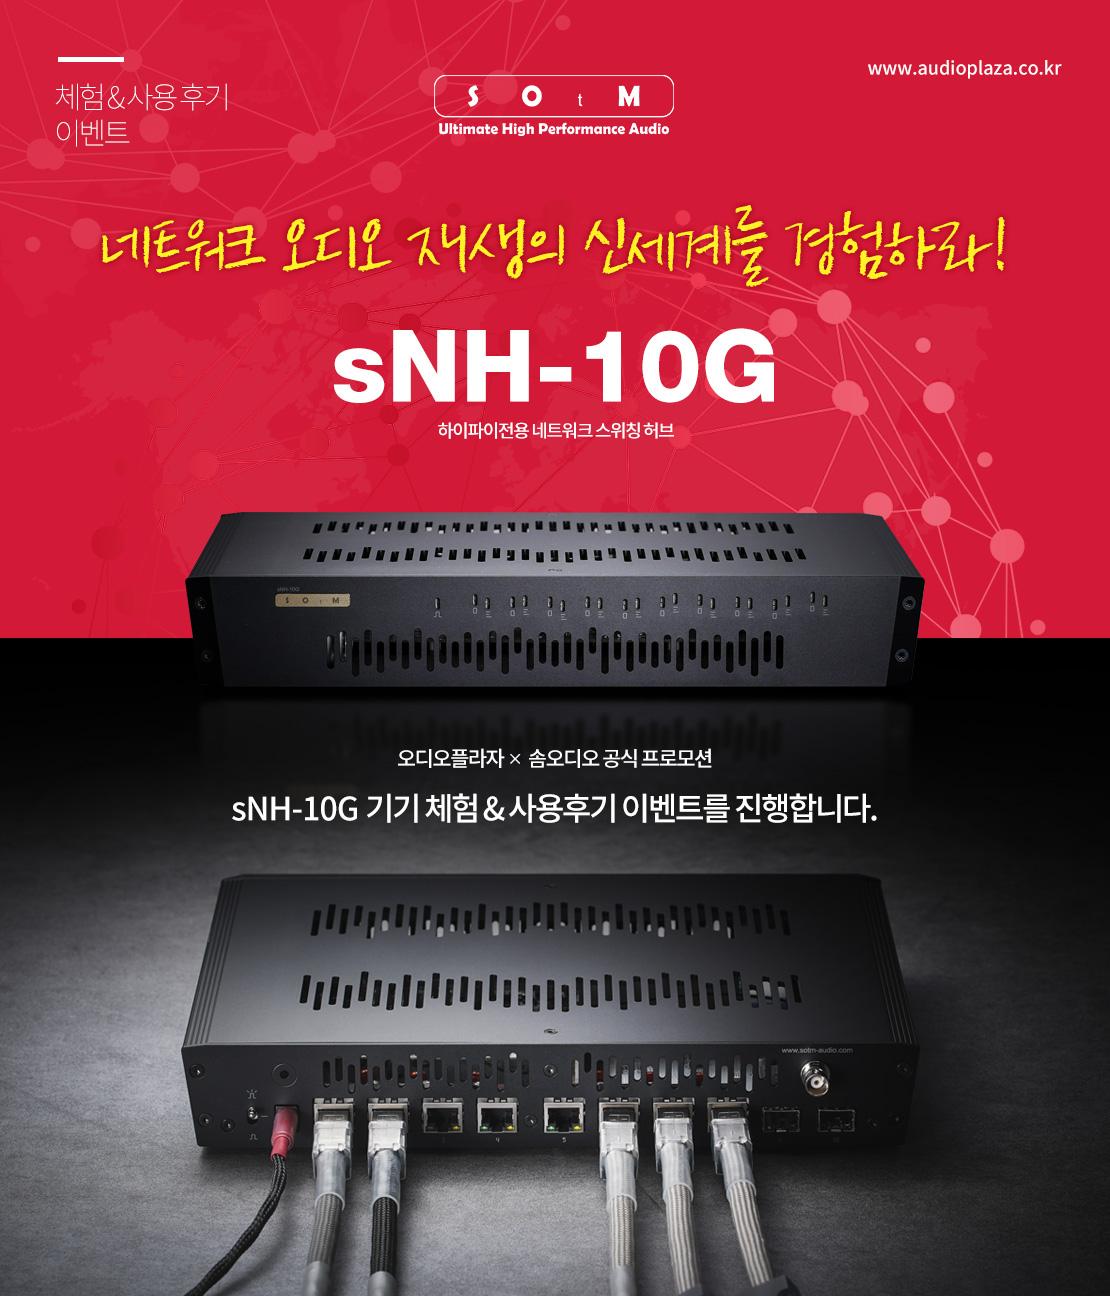 솜오디오 sNH-10G 체험 및 사용후기 이벤트